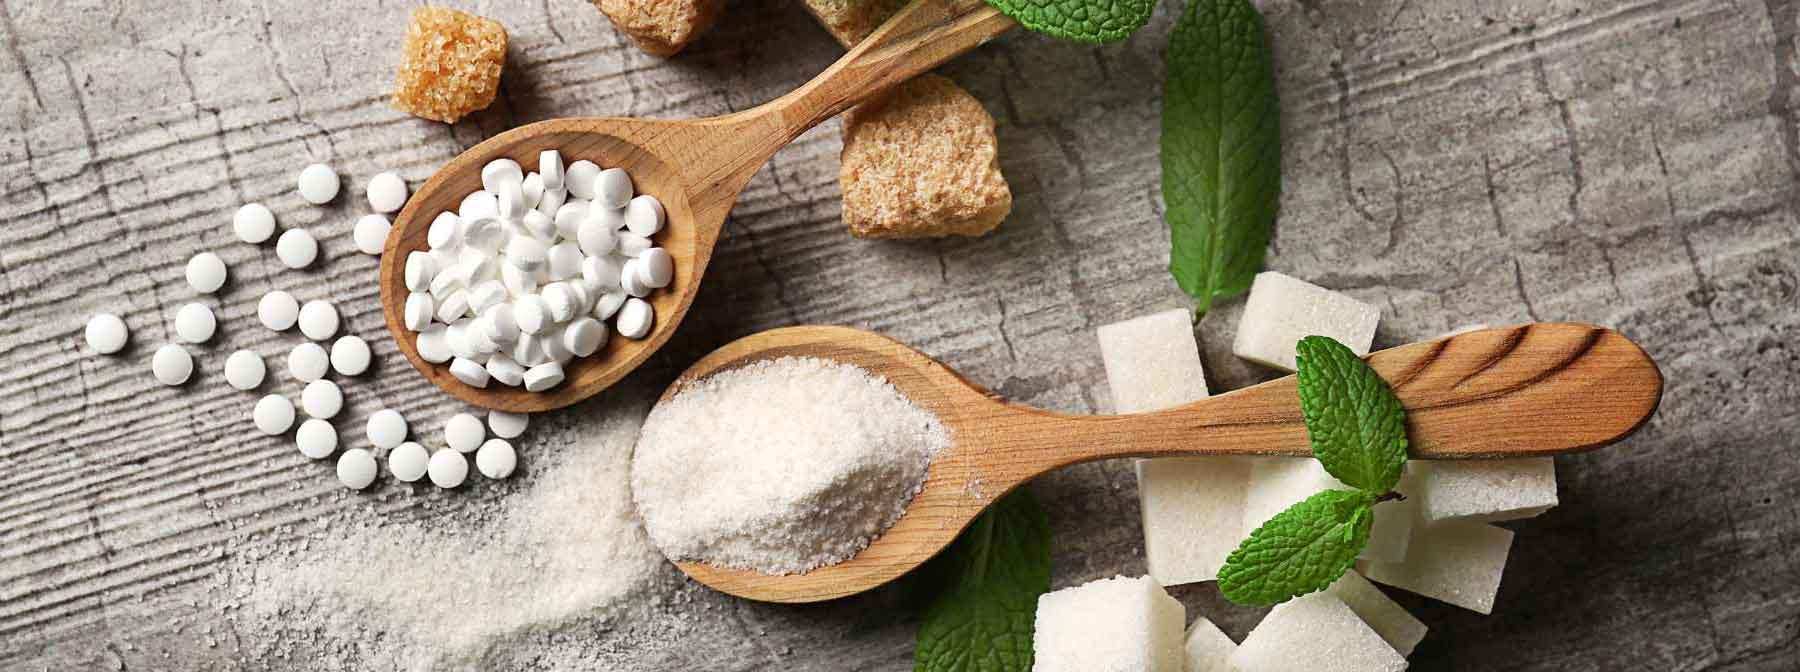 poftă de zahăr pierdere în greutate